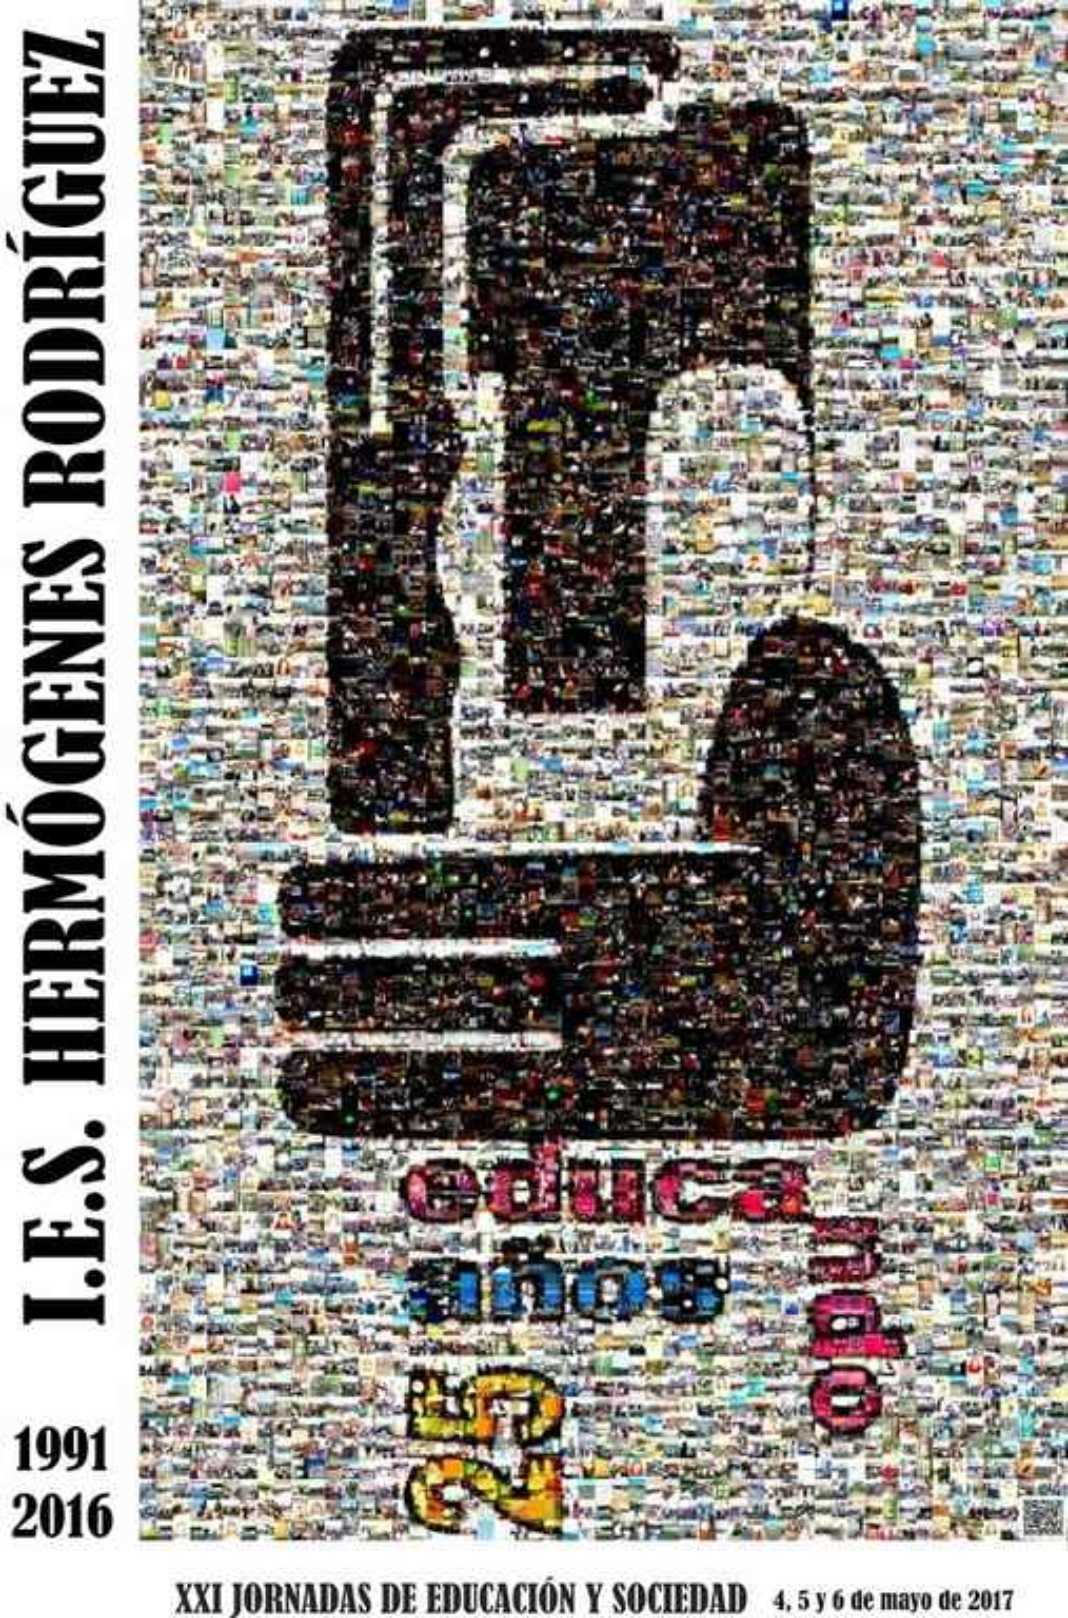 HERMÓGENES RODRIGUEZ jornadas cartel 1068x1618 - Comienzan las XXI Jornadas de Educación y Sociedad